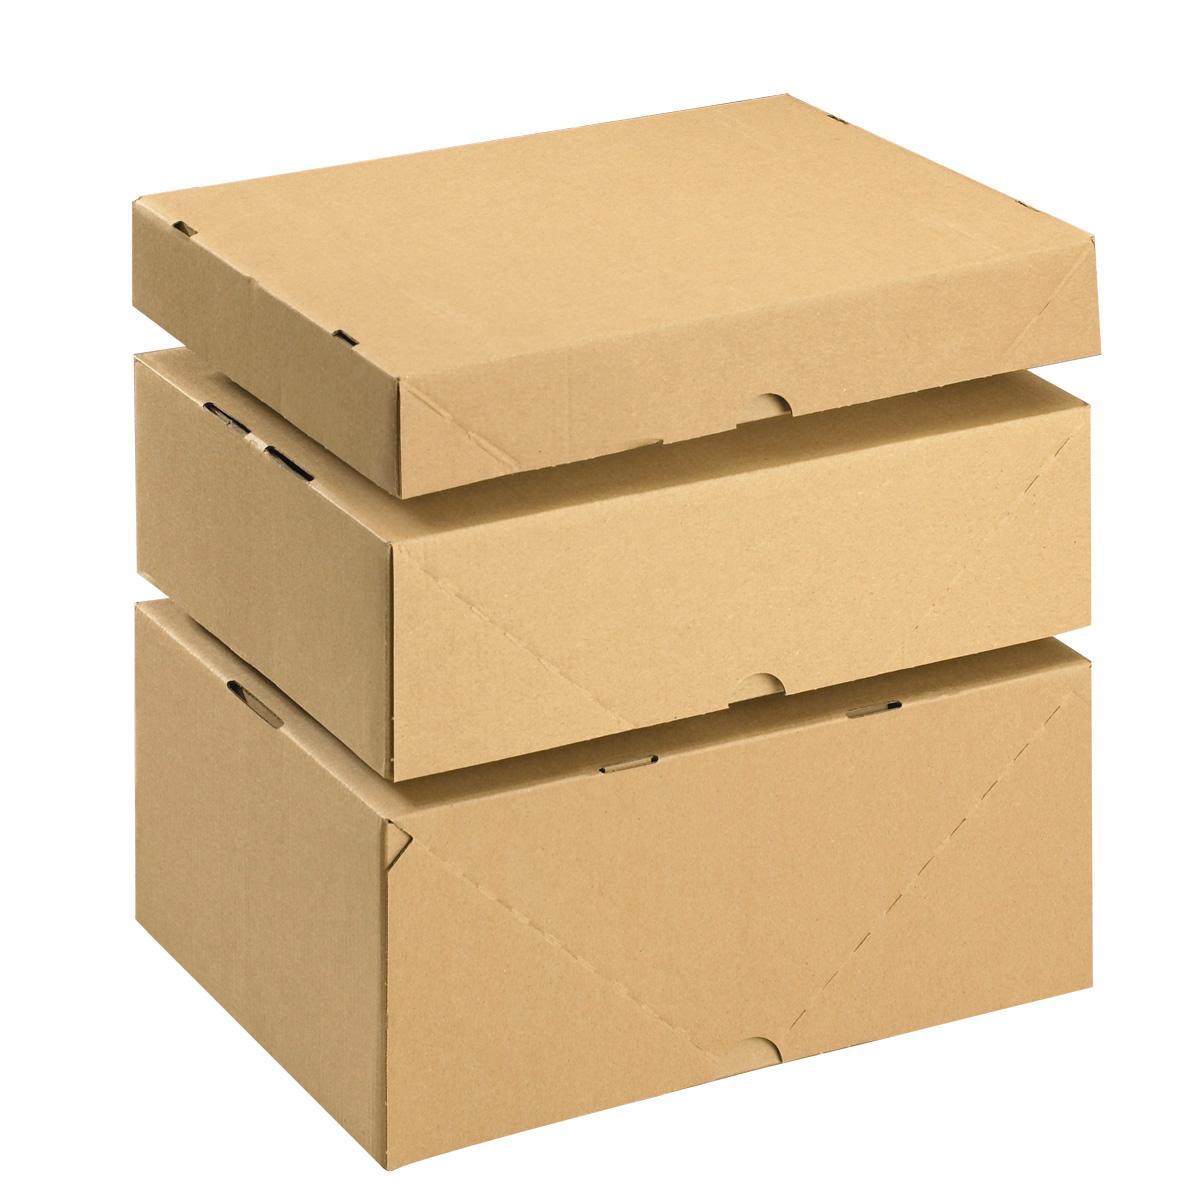 Stülpdeckelkarton in verschiedenen Größen